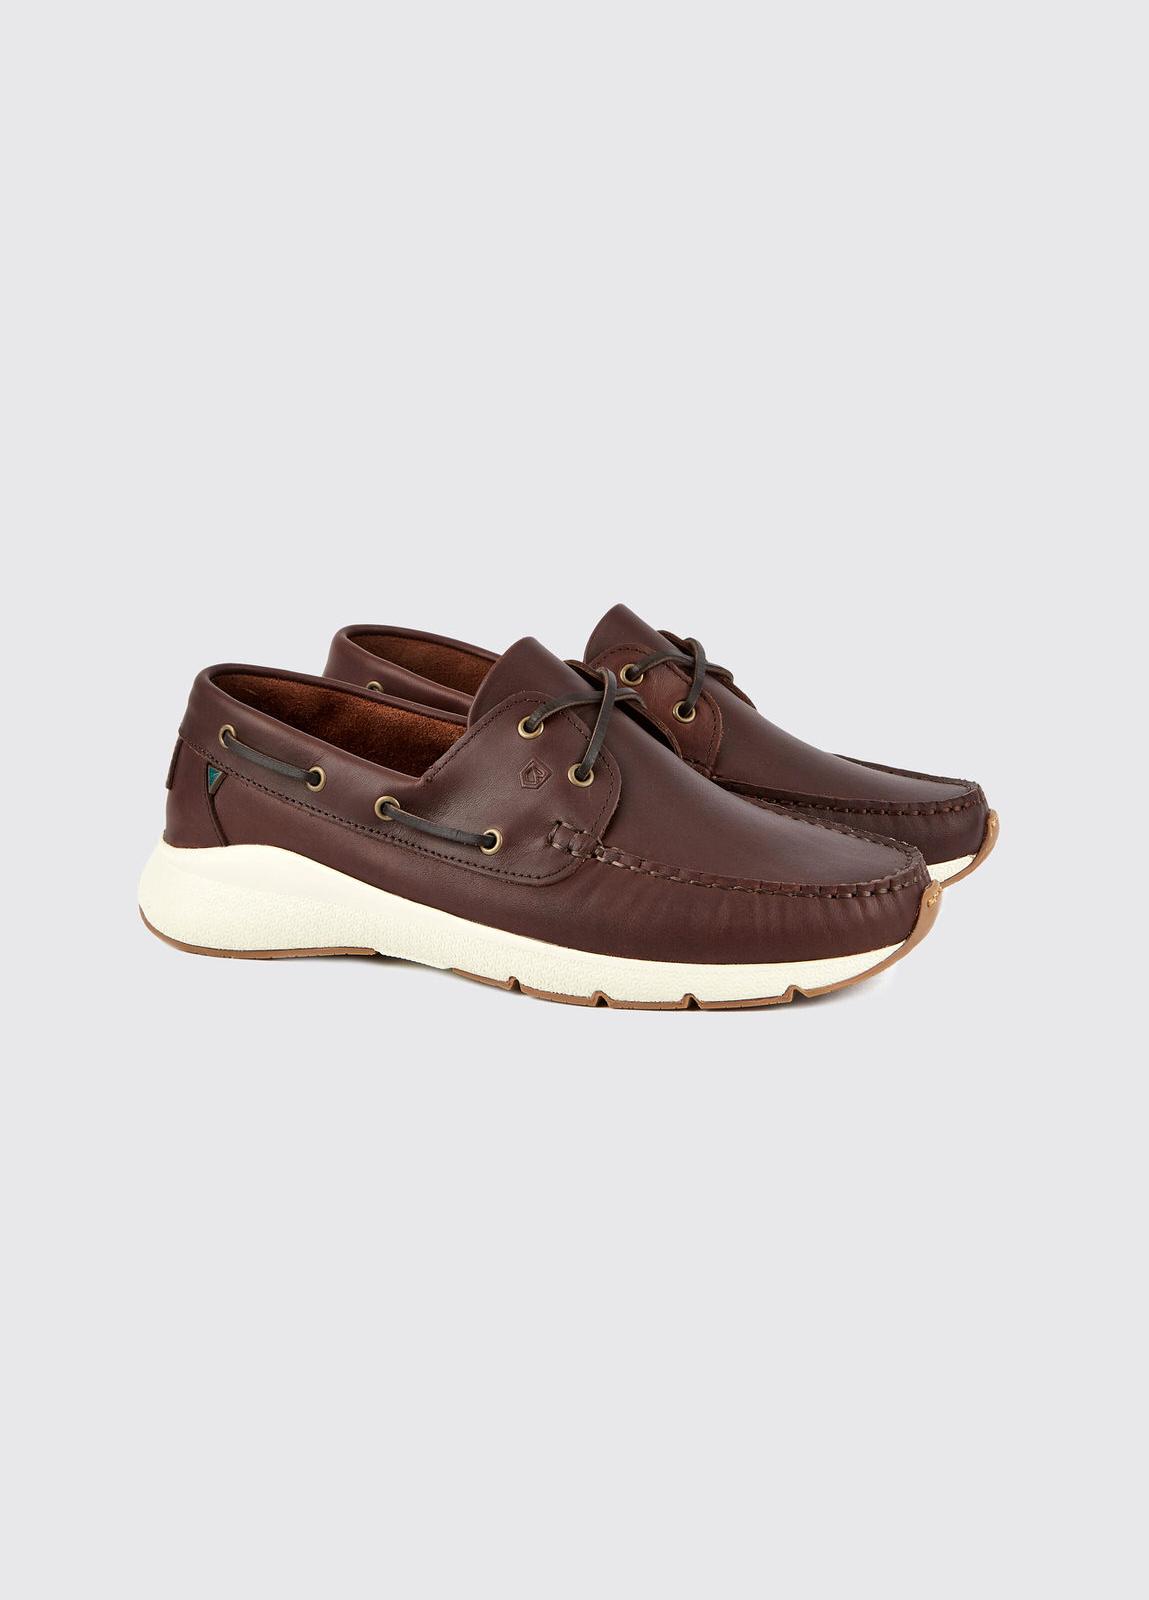 Dungarvan Lightweight Deck Shoe - Mahogany